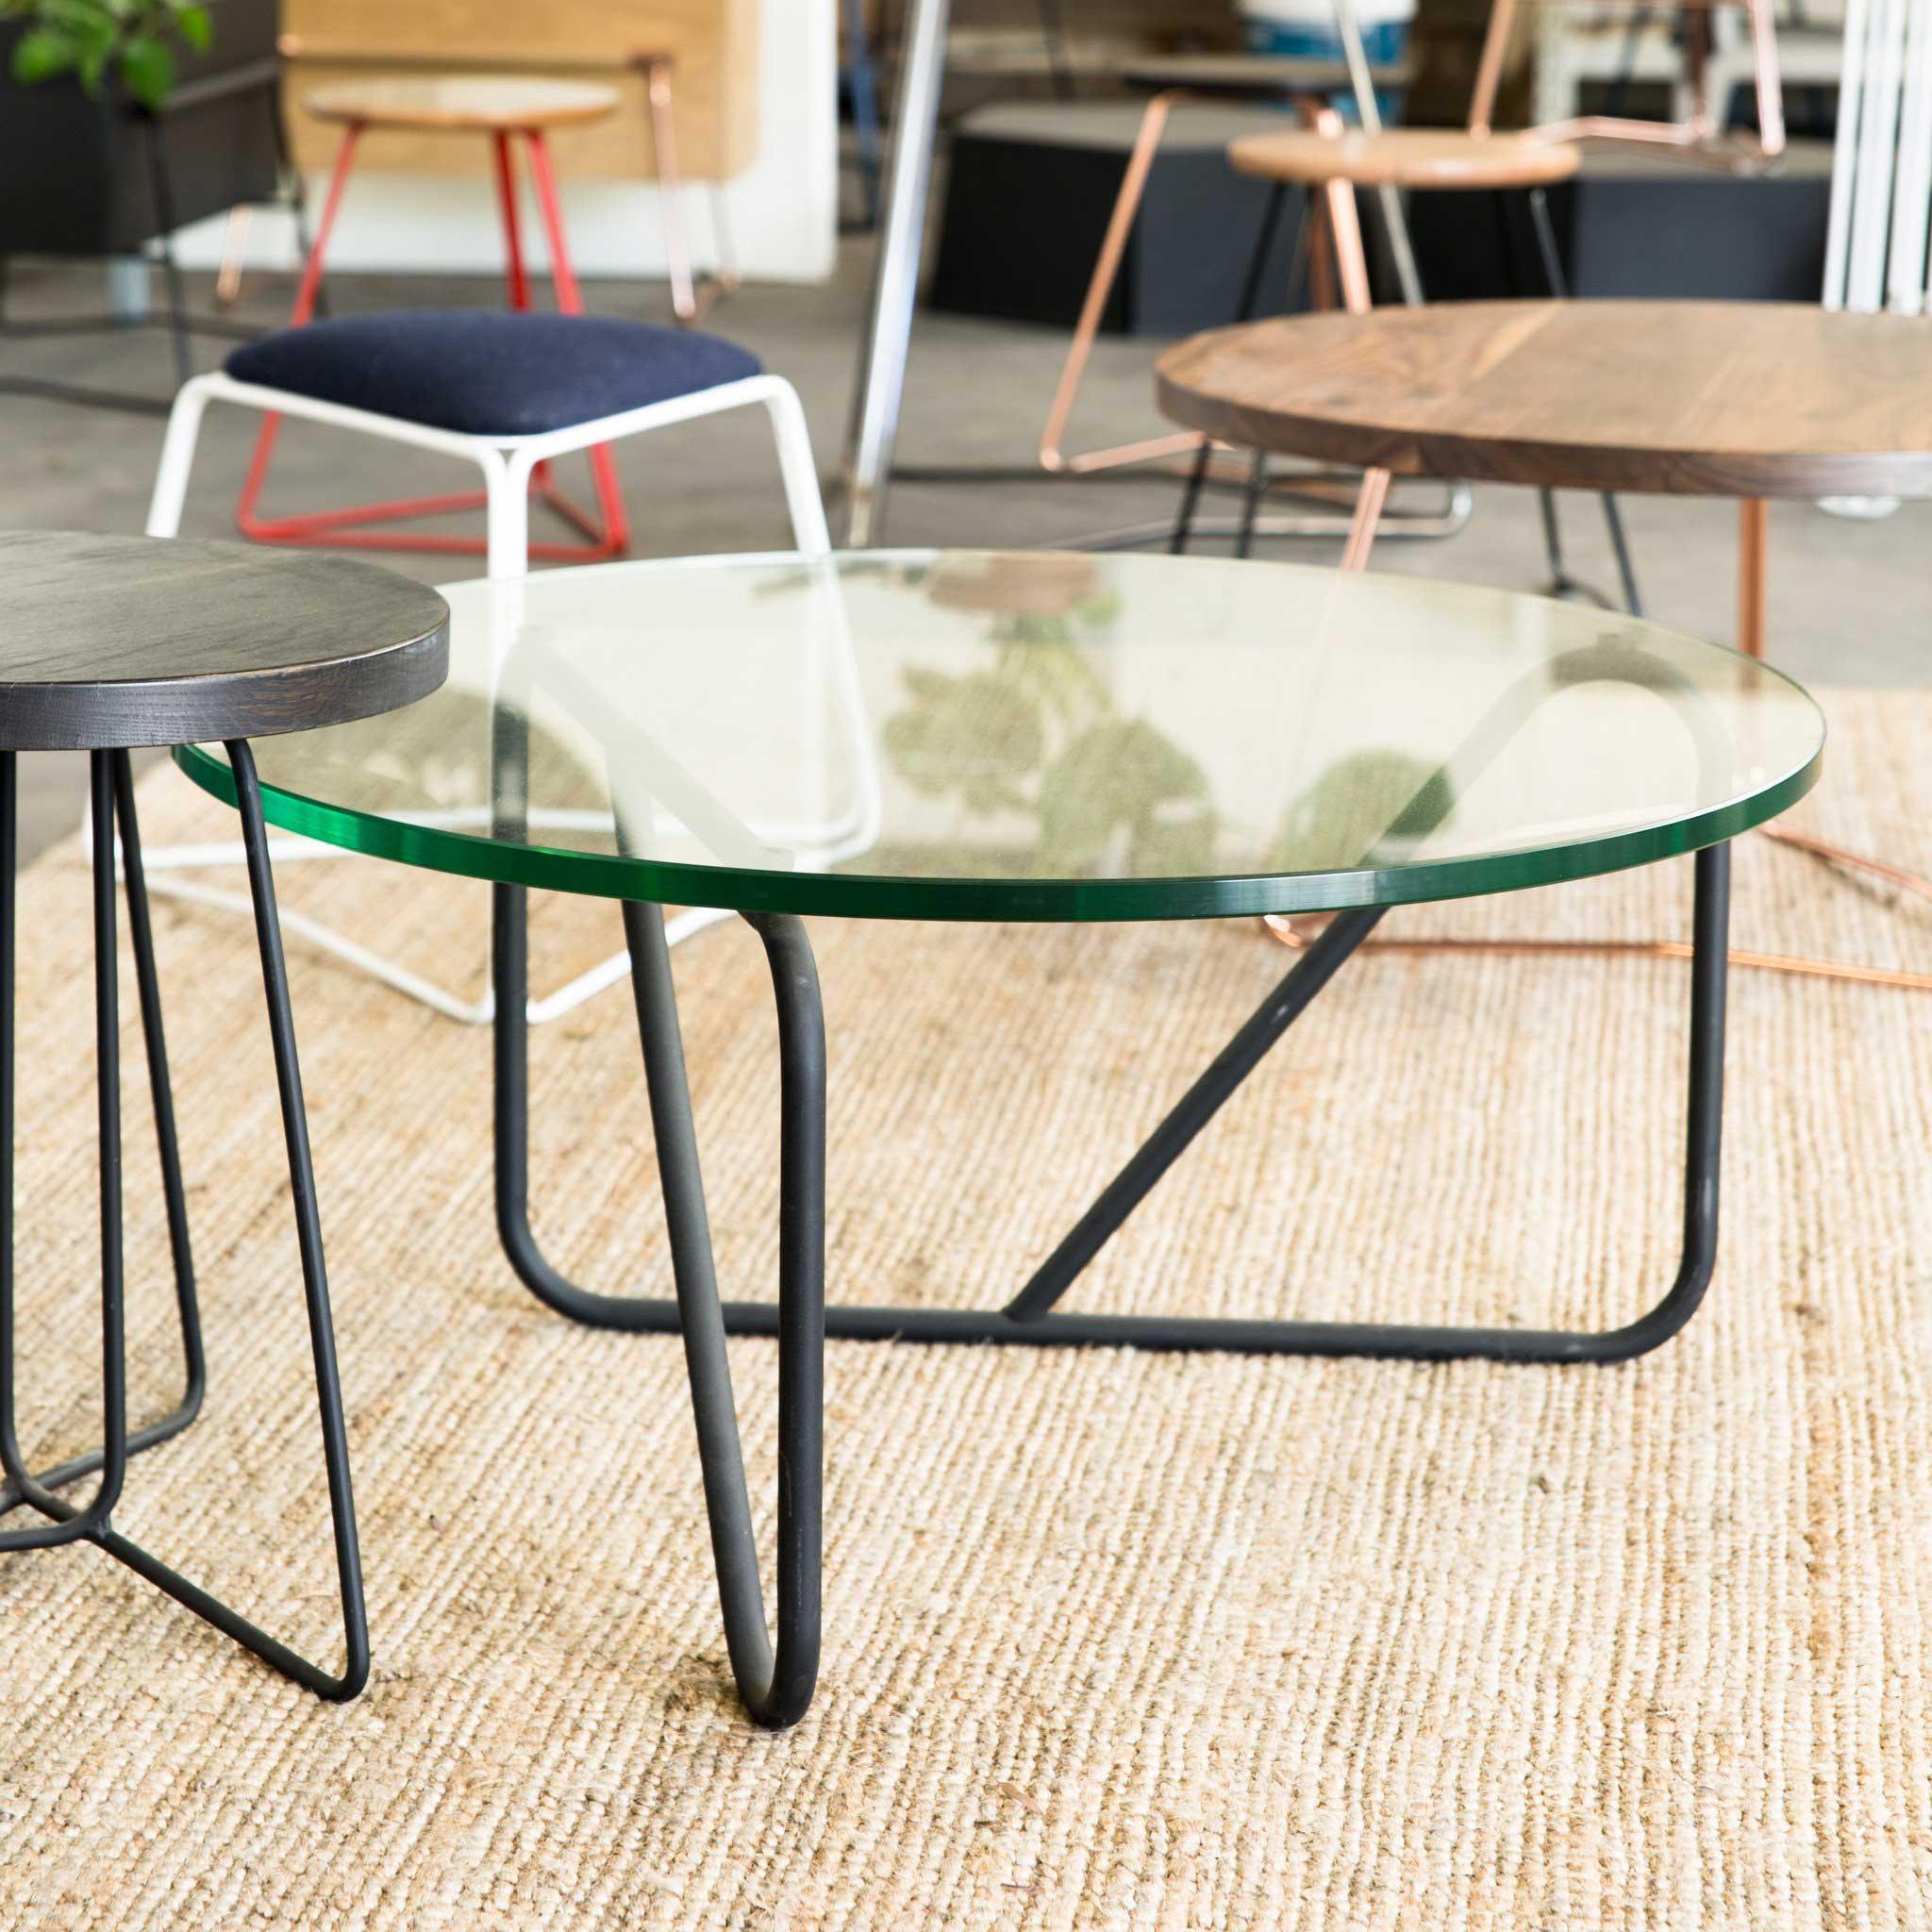 Tri650 soft top stool home